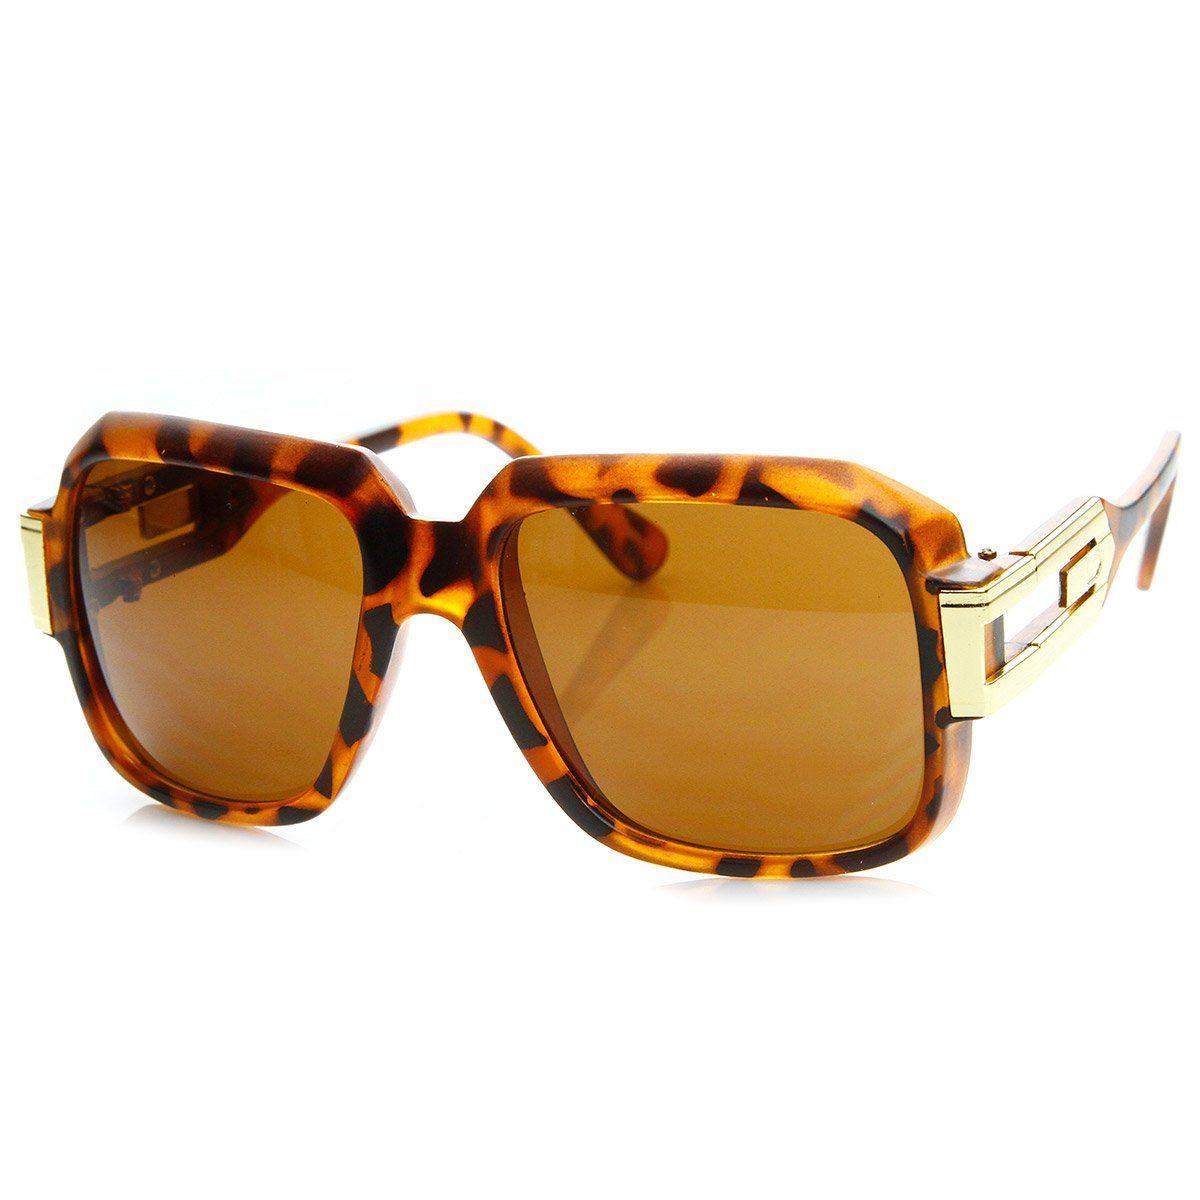 9b438950e0c8 Large Classic Retro Square Frame Hip Hop Hip-Hop Sunglasses ...